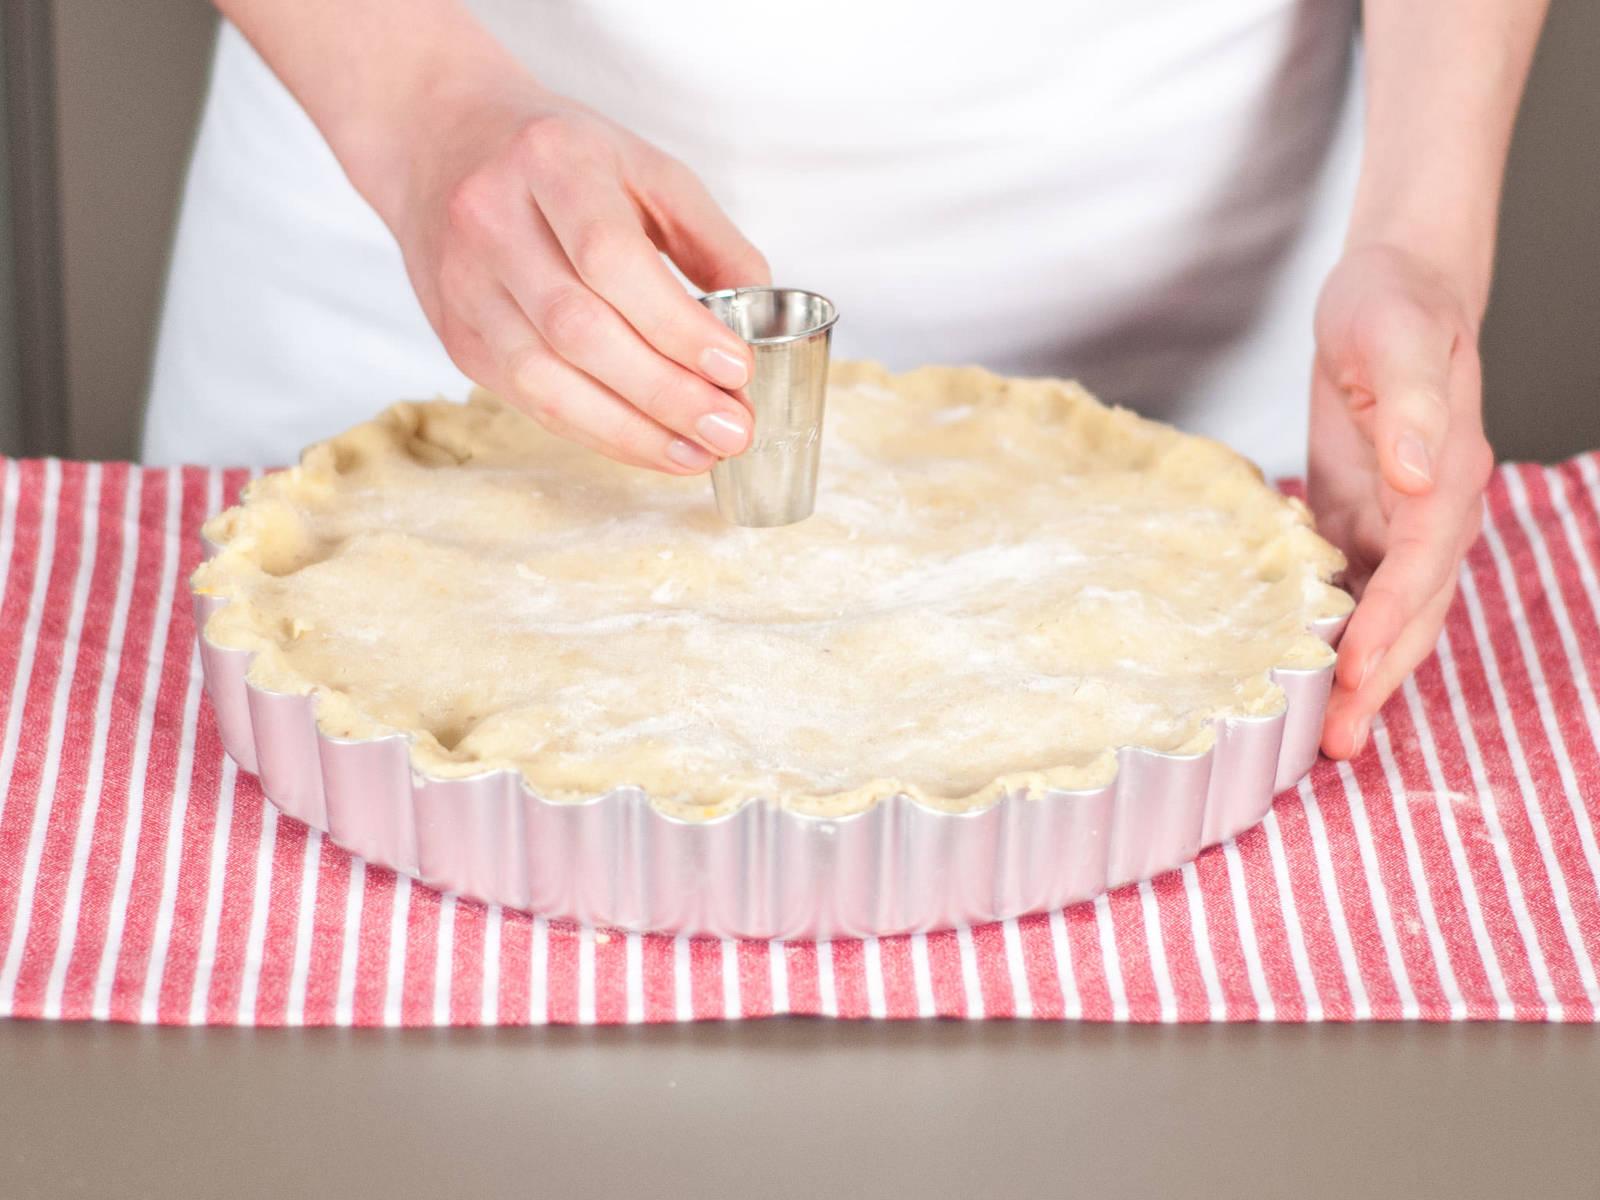 Zweite Teigplatte über die Kuchenform legen und an den Rändern festdrücken. Mit der Ausstechform mittig ein Loch machen, damit die heiße Luft beim Backen entweichen kann. Im vorgeheizten Backofen bei 160°C ca. 65 – 75 Min. backen bis der Kuchen goldbraun ist. Warm mit Vanilleeis oder Schlagsahne genießen.